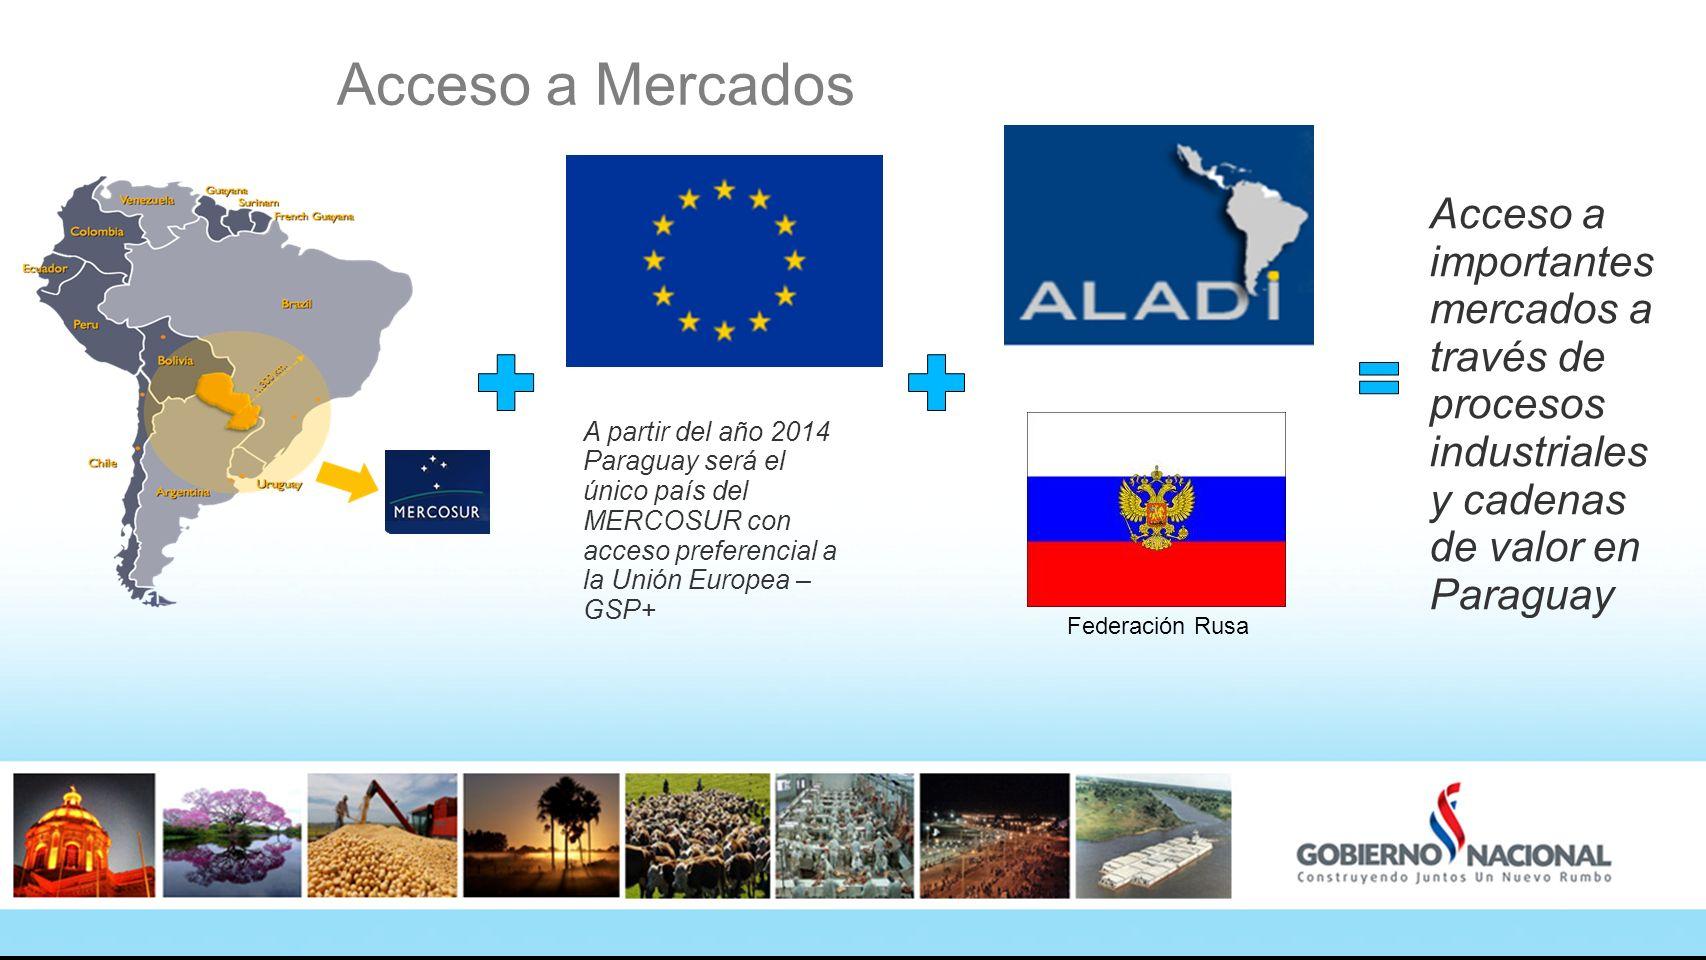 Acceso a Mercados Acceso a importantes mercados a través de procesos industriales y cadenas de valor en Paraguay A partir del año 2014 Paraguay será e